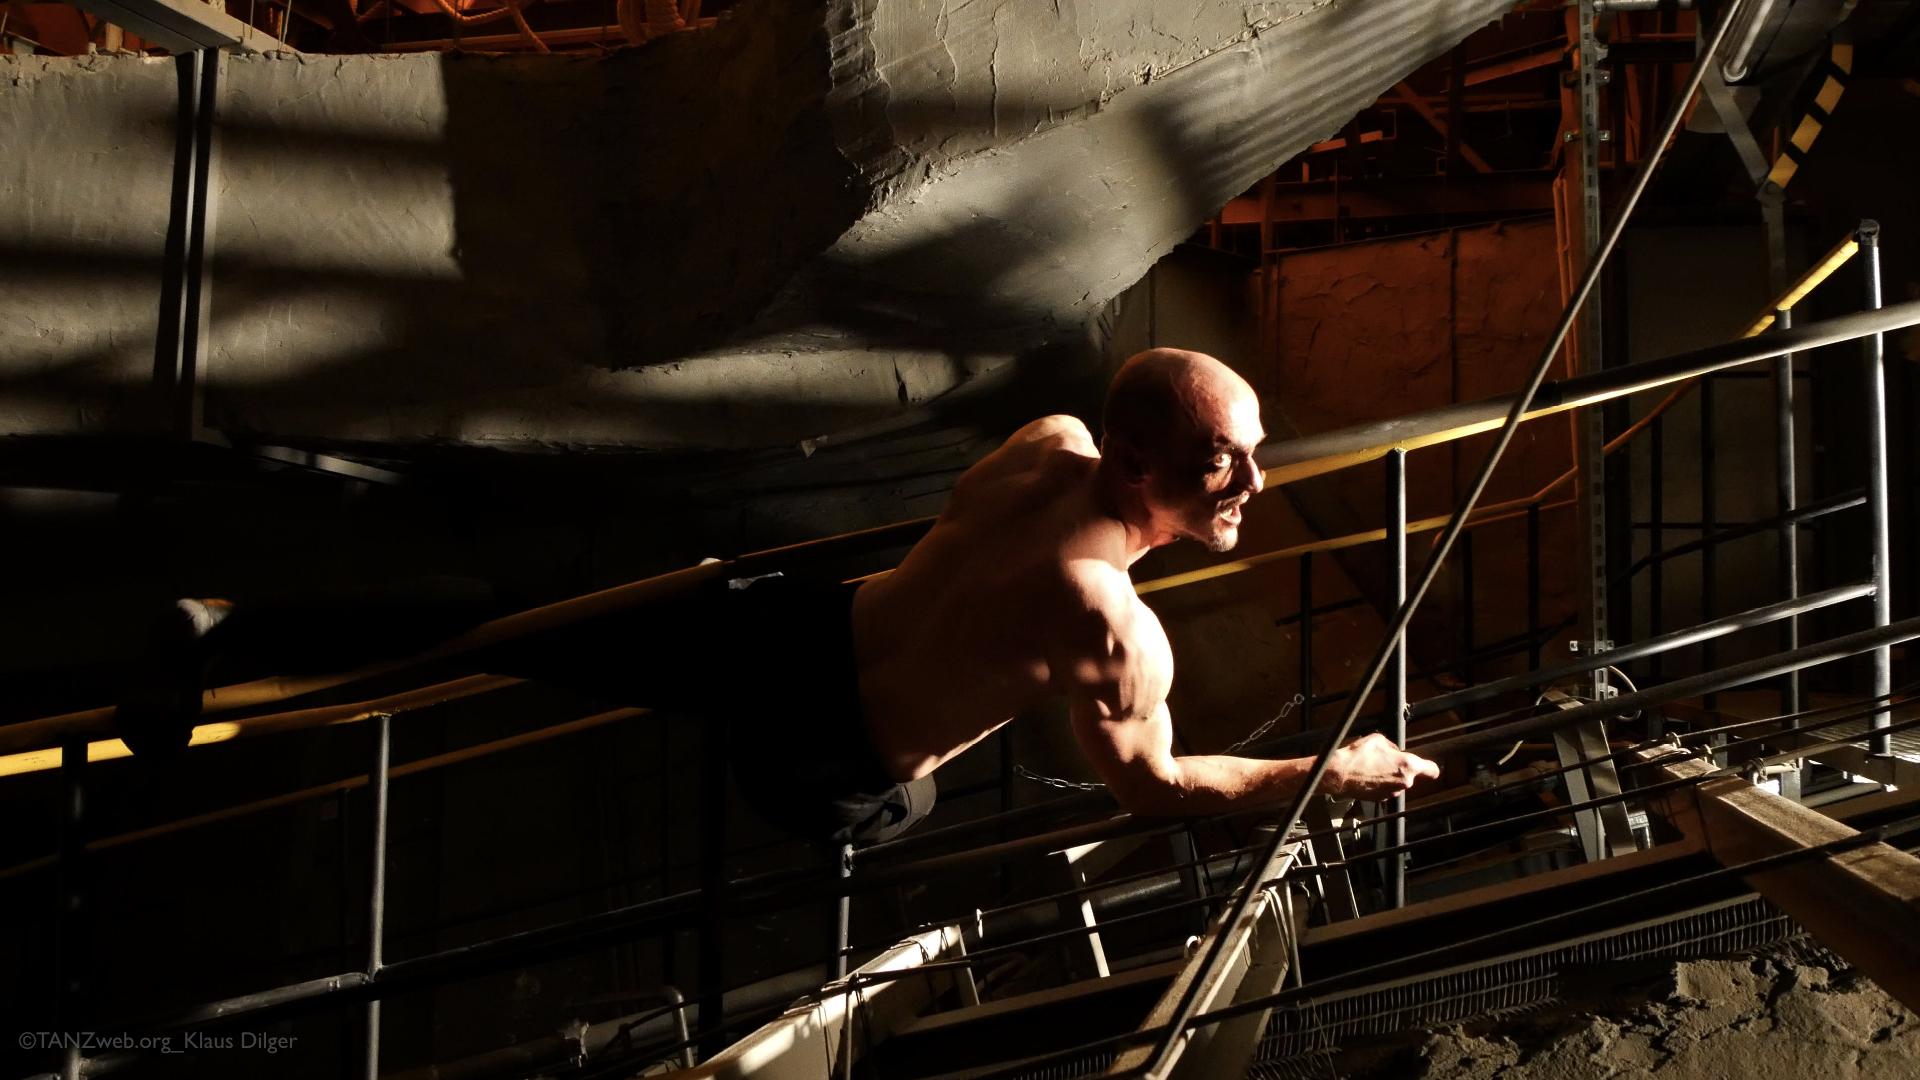 Kresnik DIE HÖLLE | INFERNO Wuppertaler Schauspiel ©TANZweb.org_Klaus Dilger